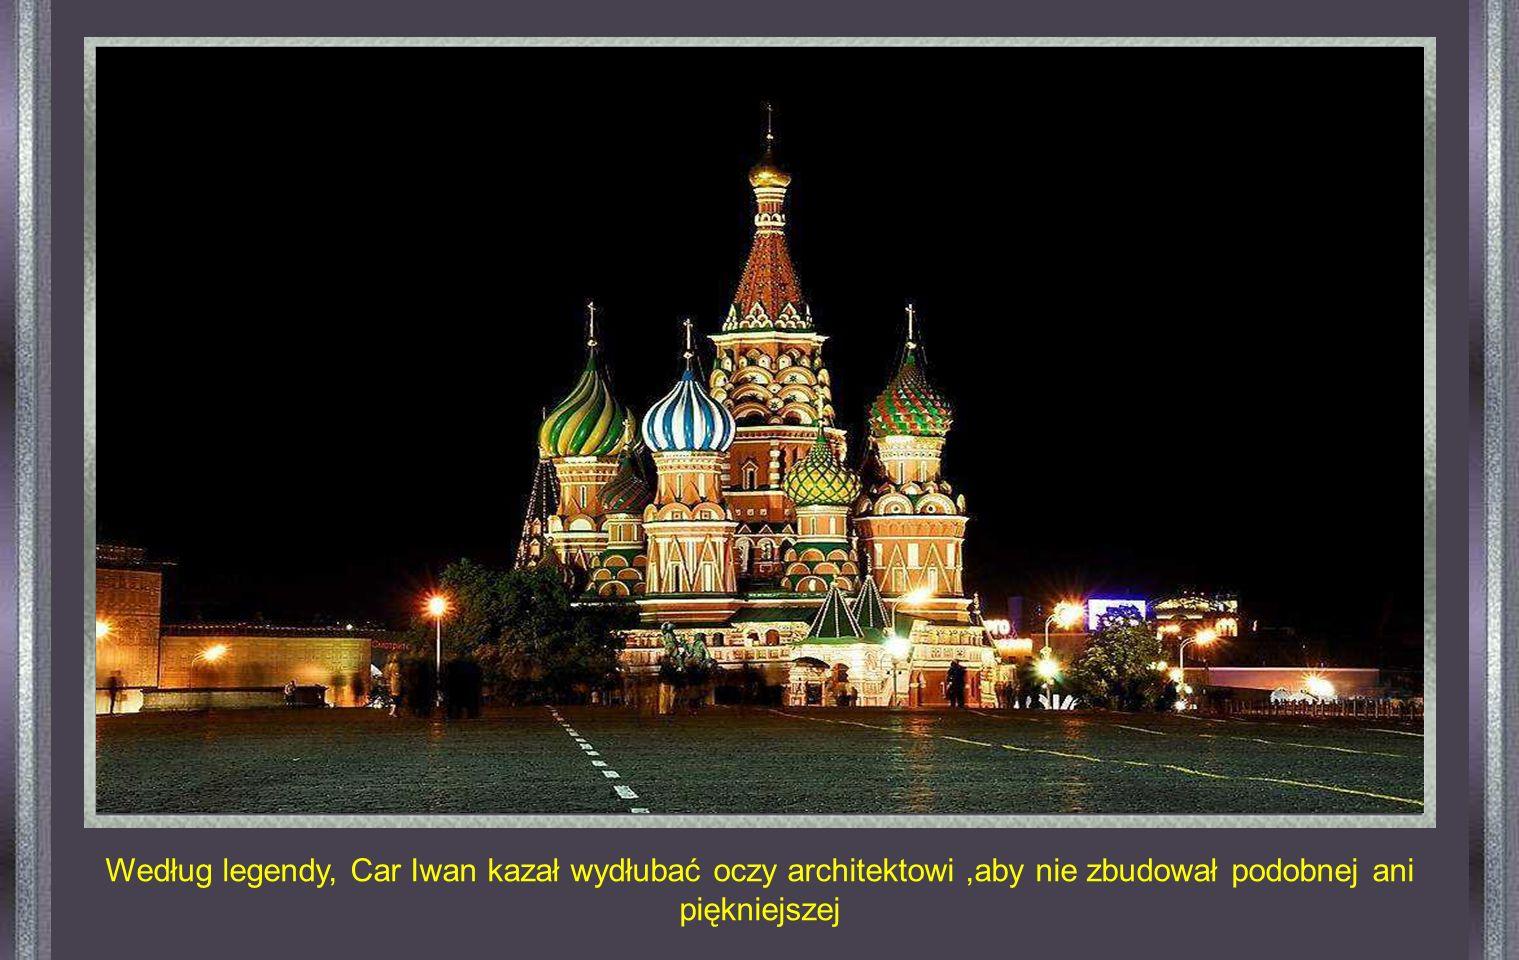 Według legendy, Car Iwan kazał wydłubać oczy architektowi ,aby nie zbudował podobnej ani piękniejszej